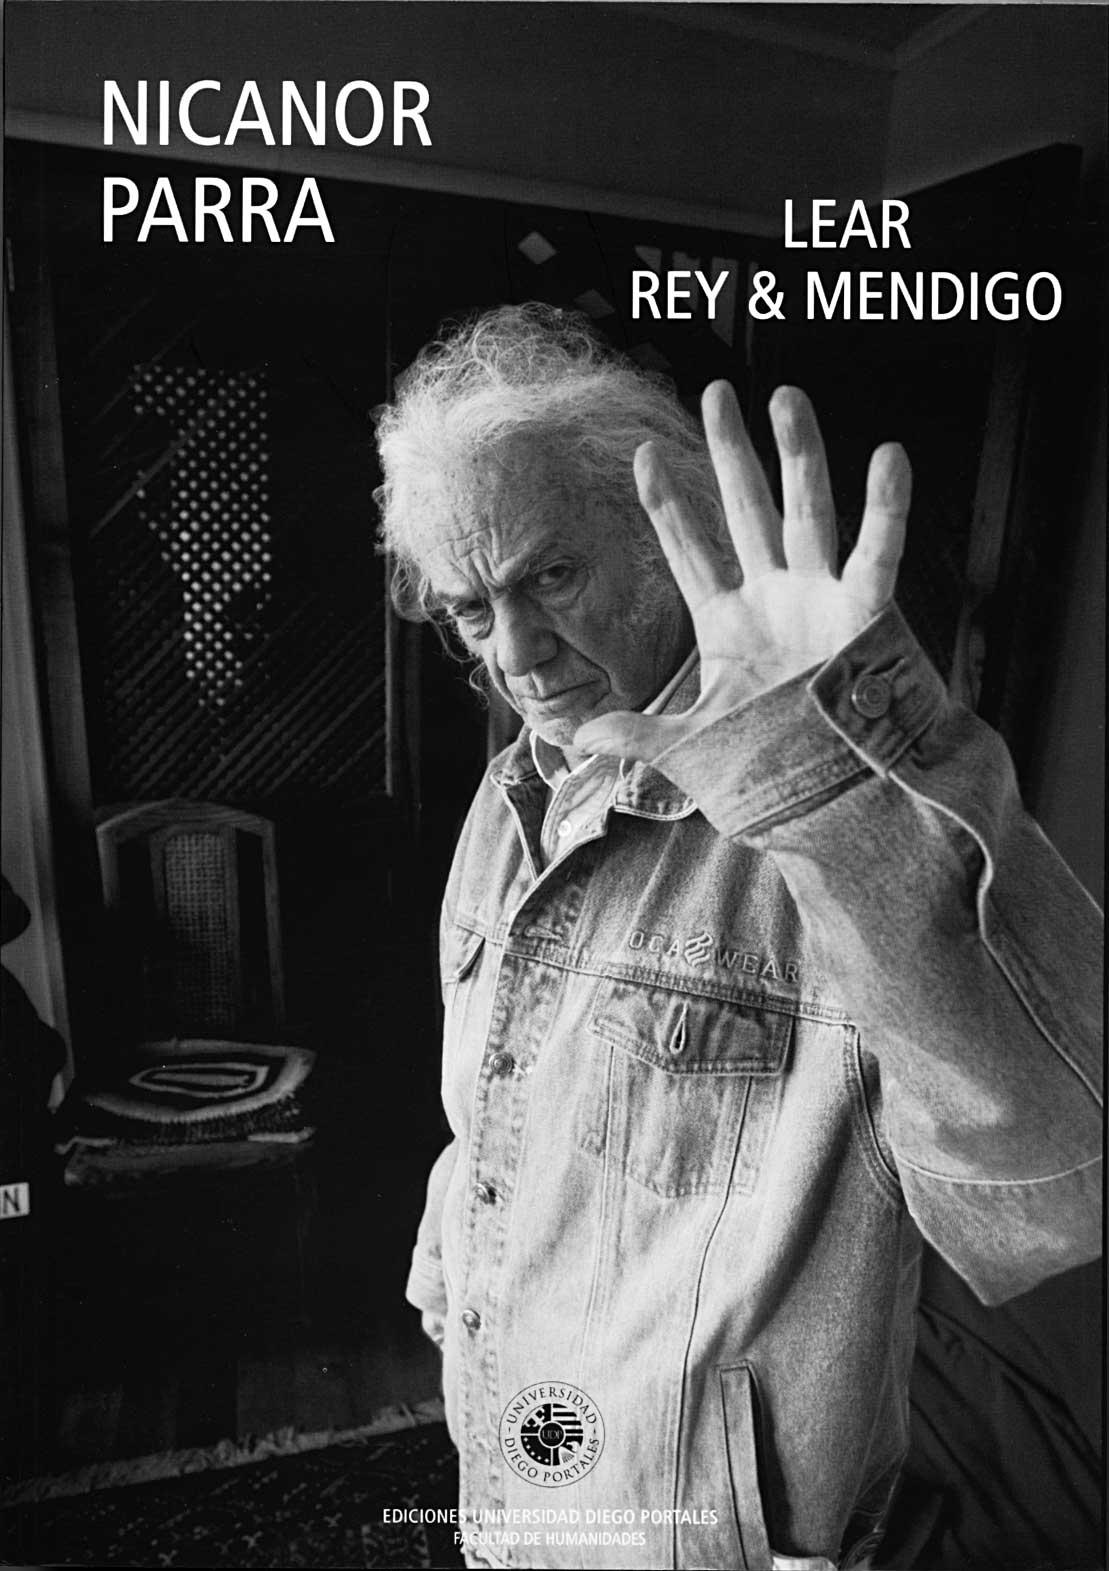 Parra, Nicanor (2004). Lear Rey & Mendigo.